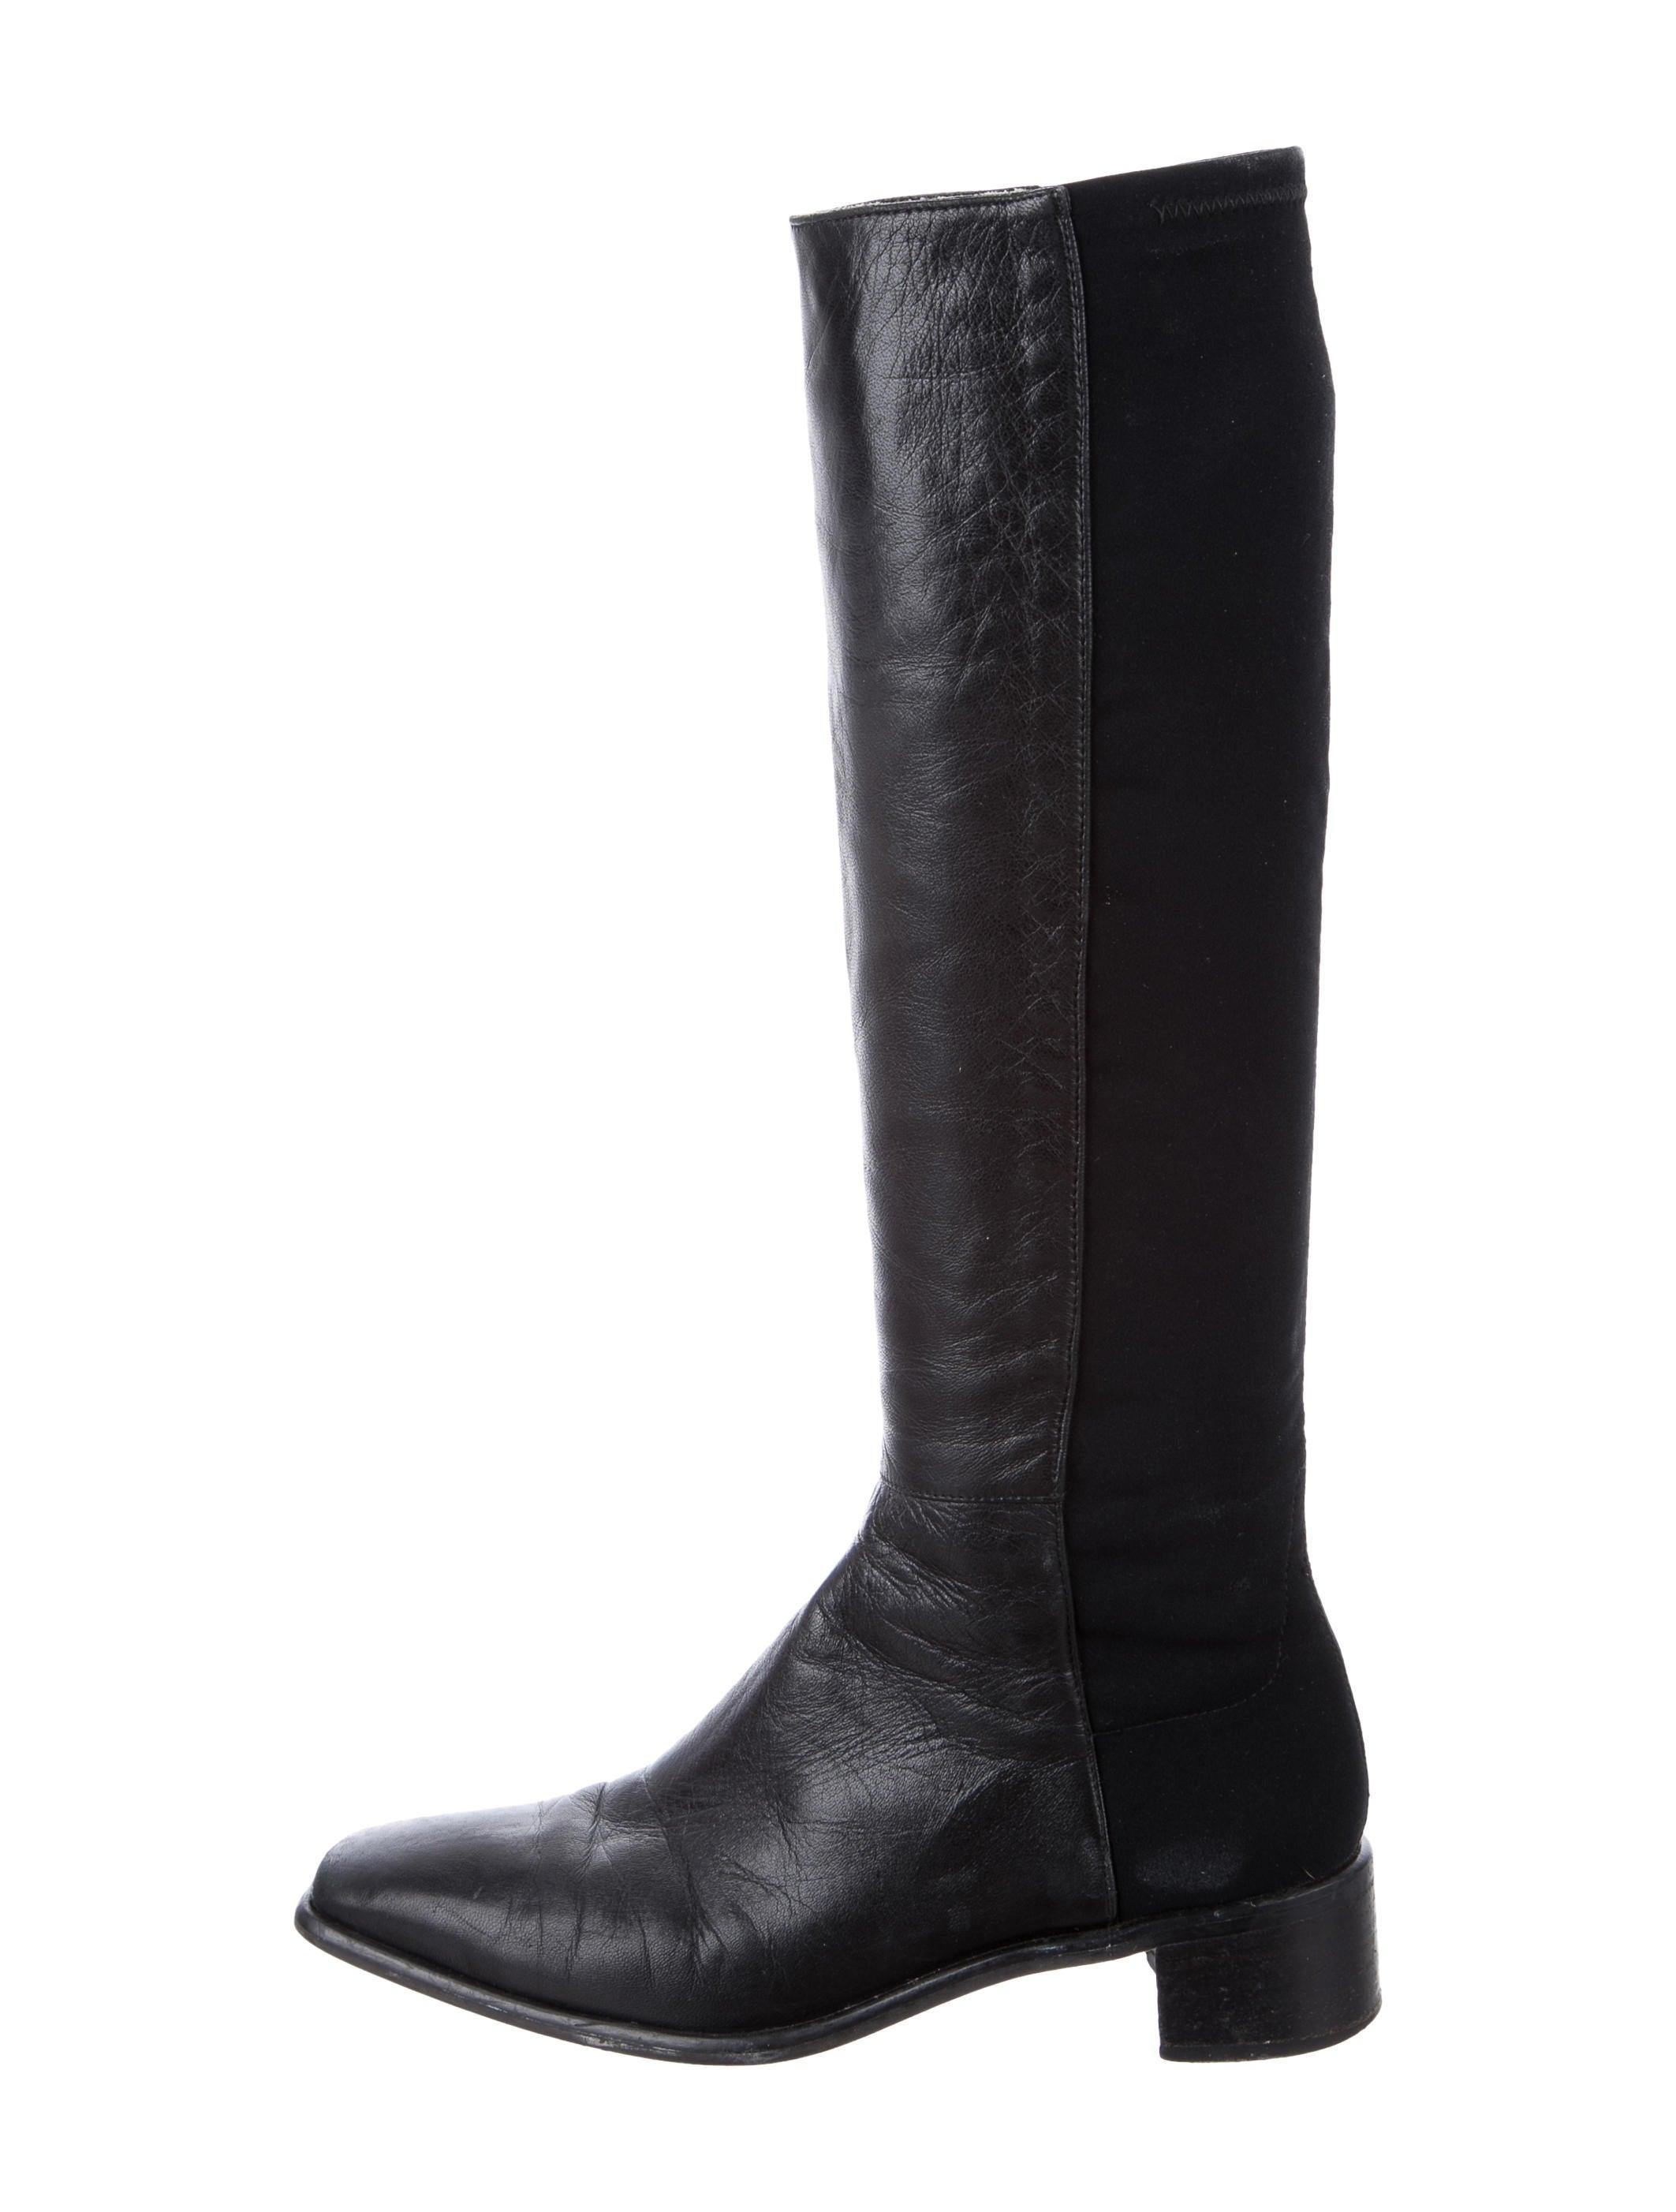 stuart weitzman leather kneehigh boots shoes wsu31425